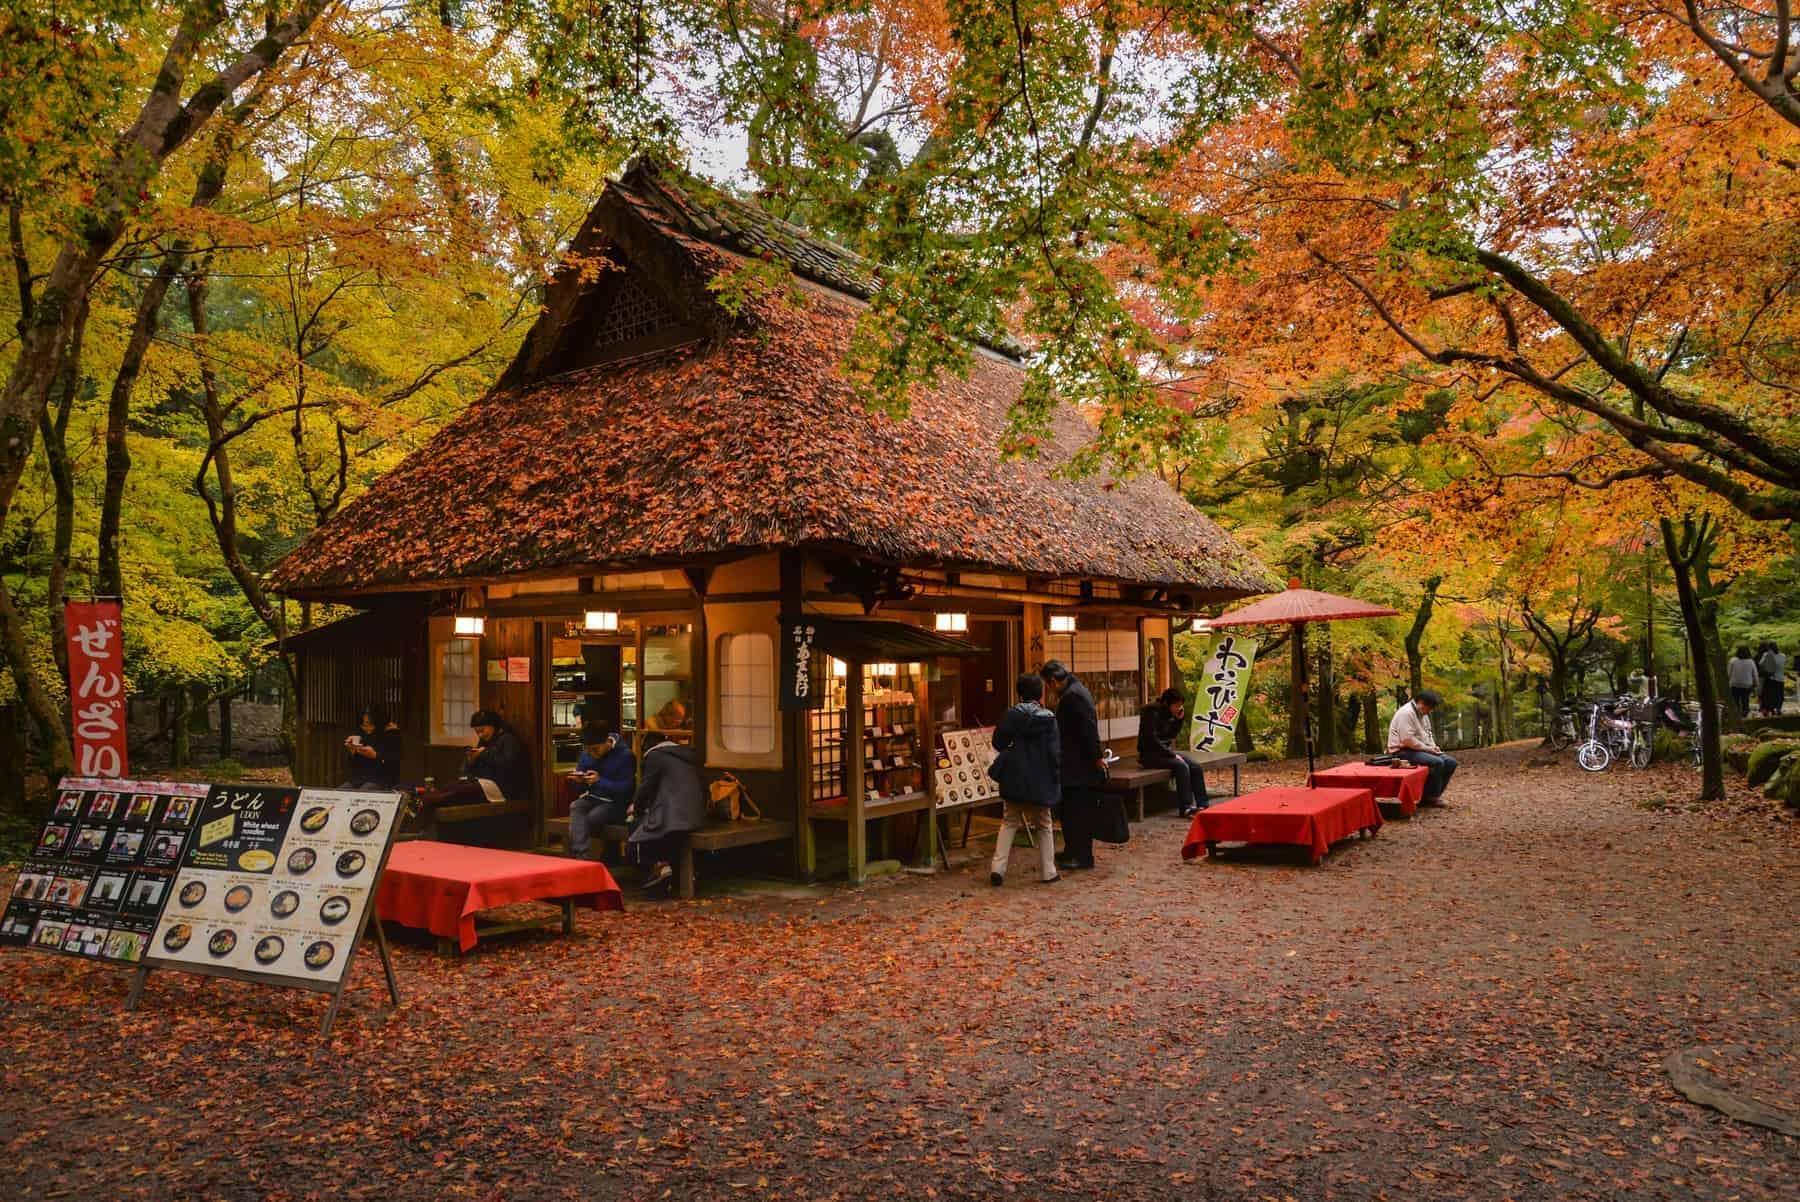 Nara I Japan. Lille mad break på Japansk i smukke omgivelser